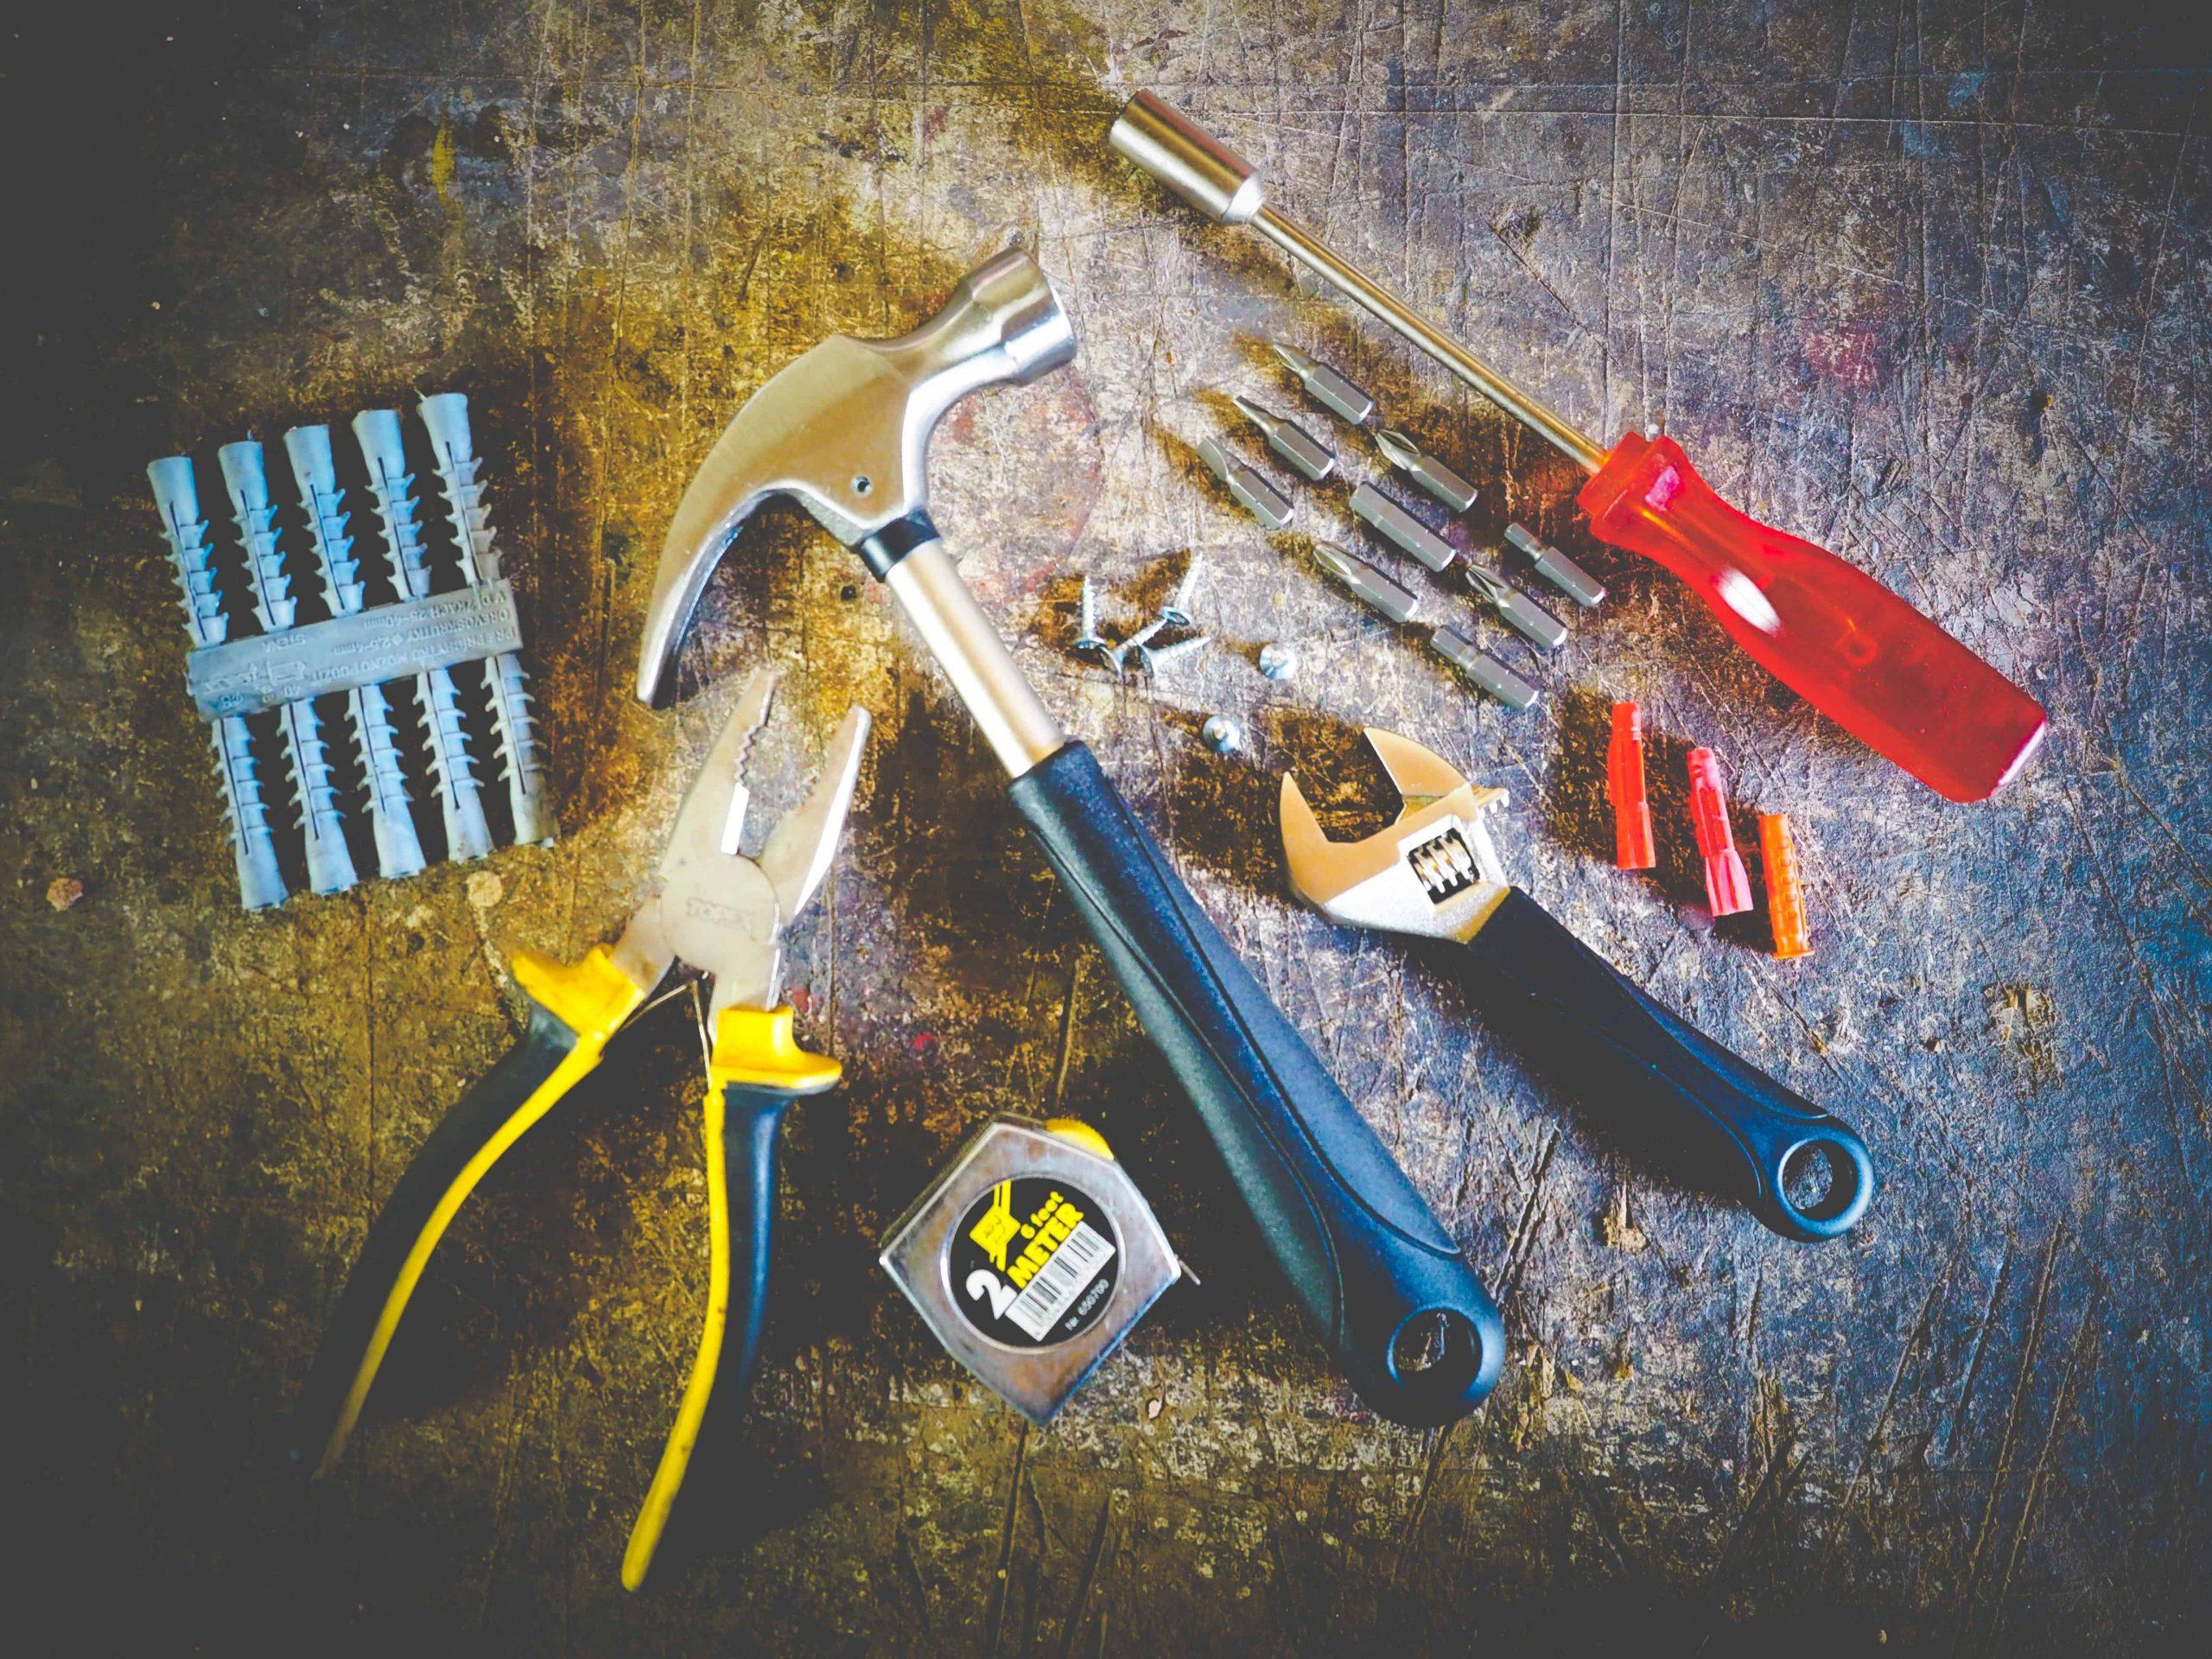 A imagem mostra ferramentas diversas dispostas sobre uma madeira gasta.